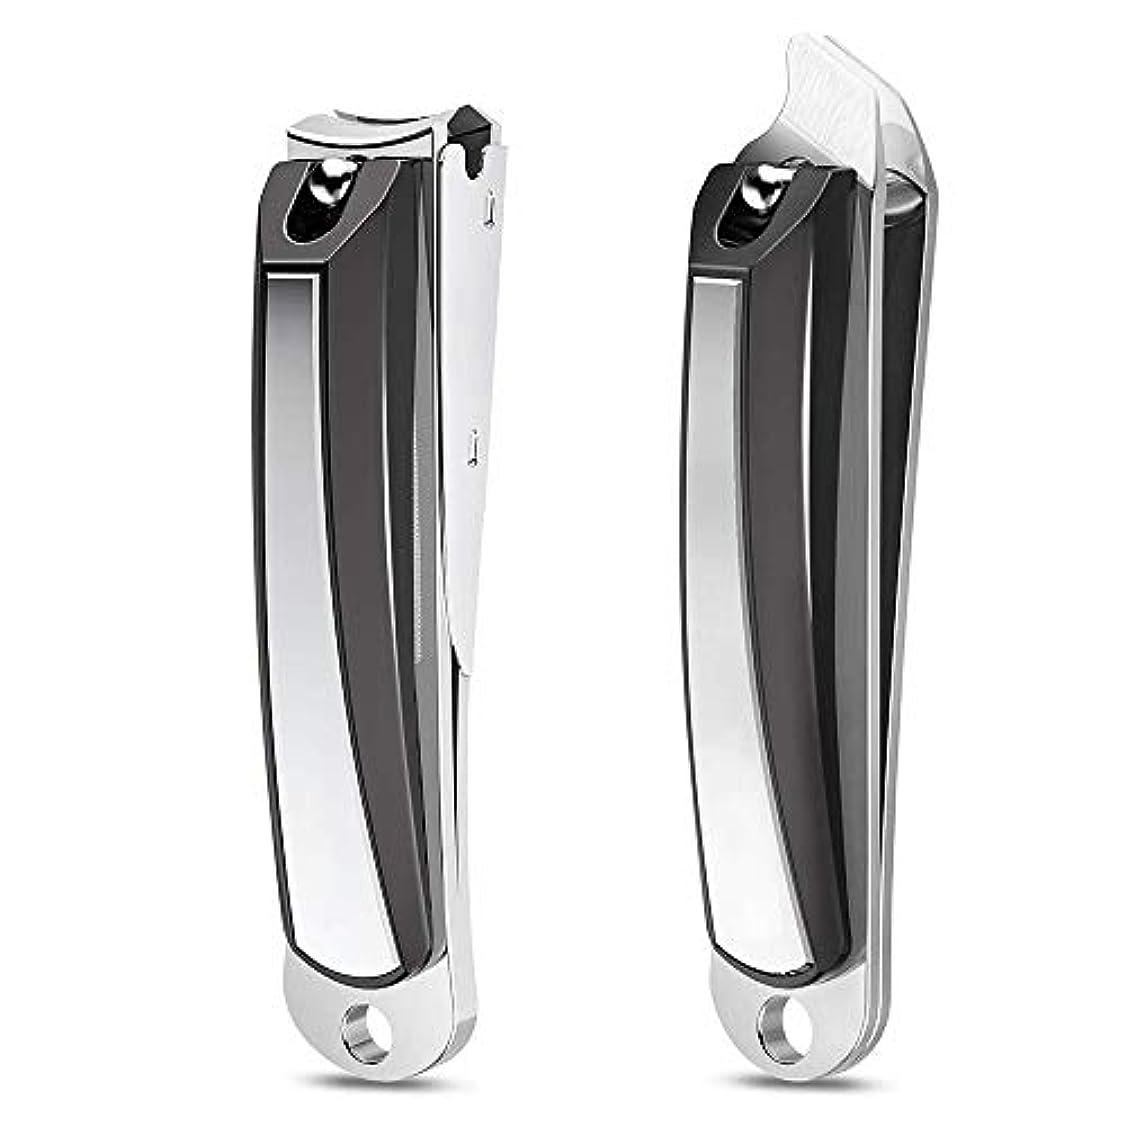 ドアオゾンランダム2本セットガラス製爪やすり レザー収納袋付き 手足用爪切り カバー付き ステンレス鋼製